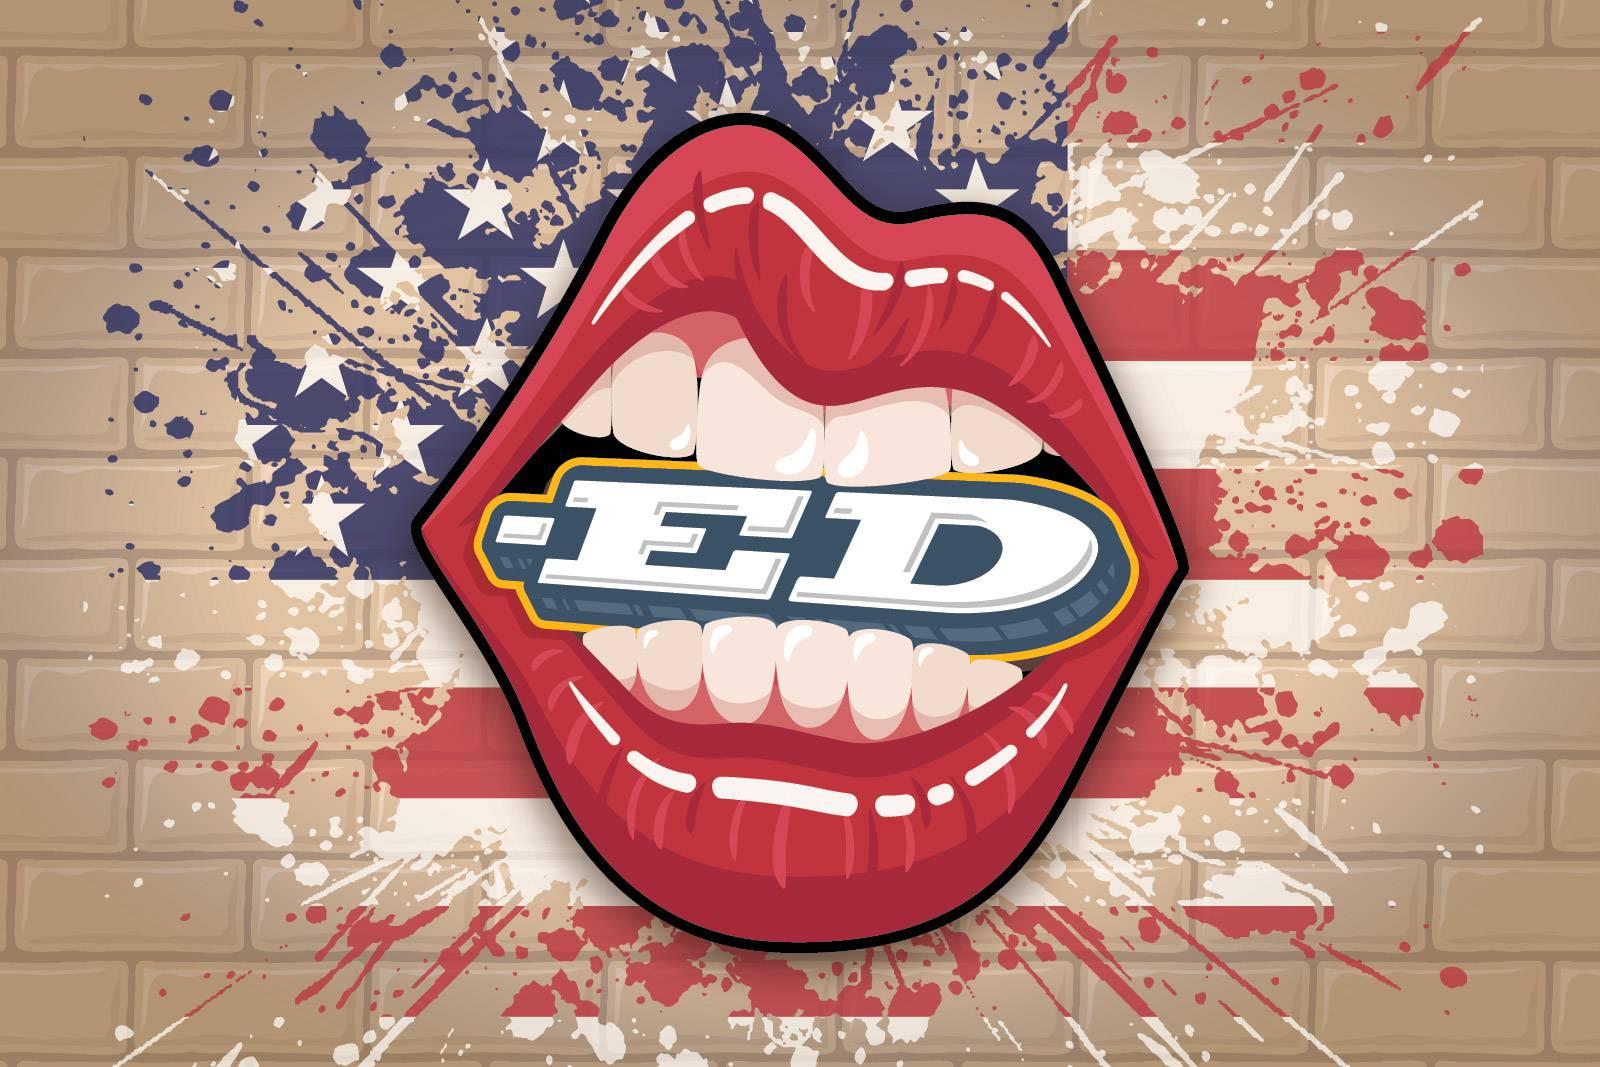 Comment prononcer -ed en anglais ?